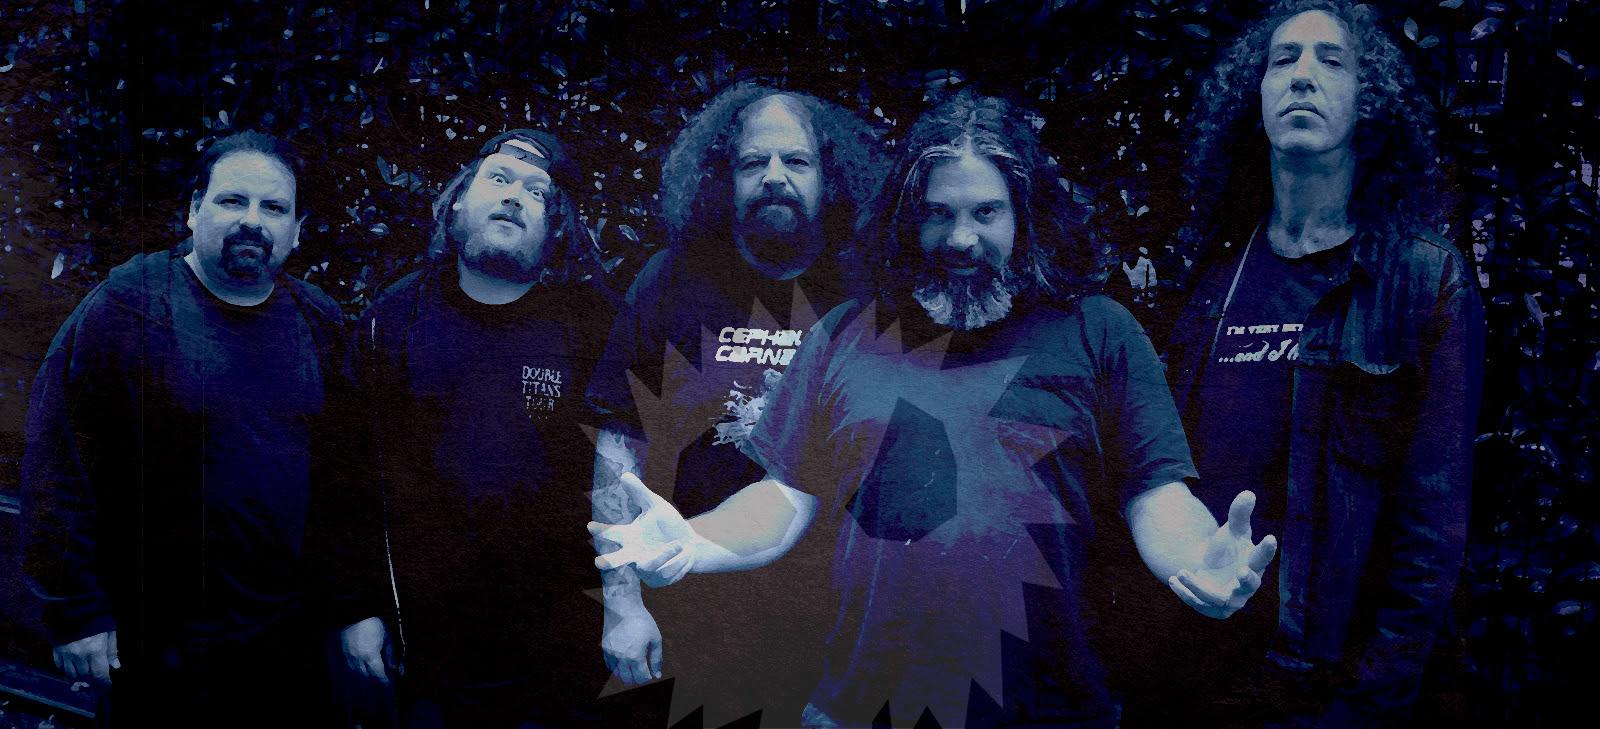 VENOMOUS CONCEPT band picture